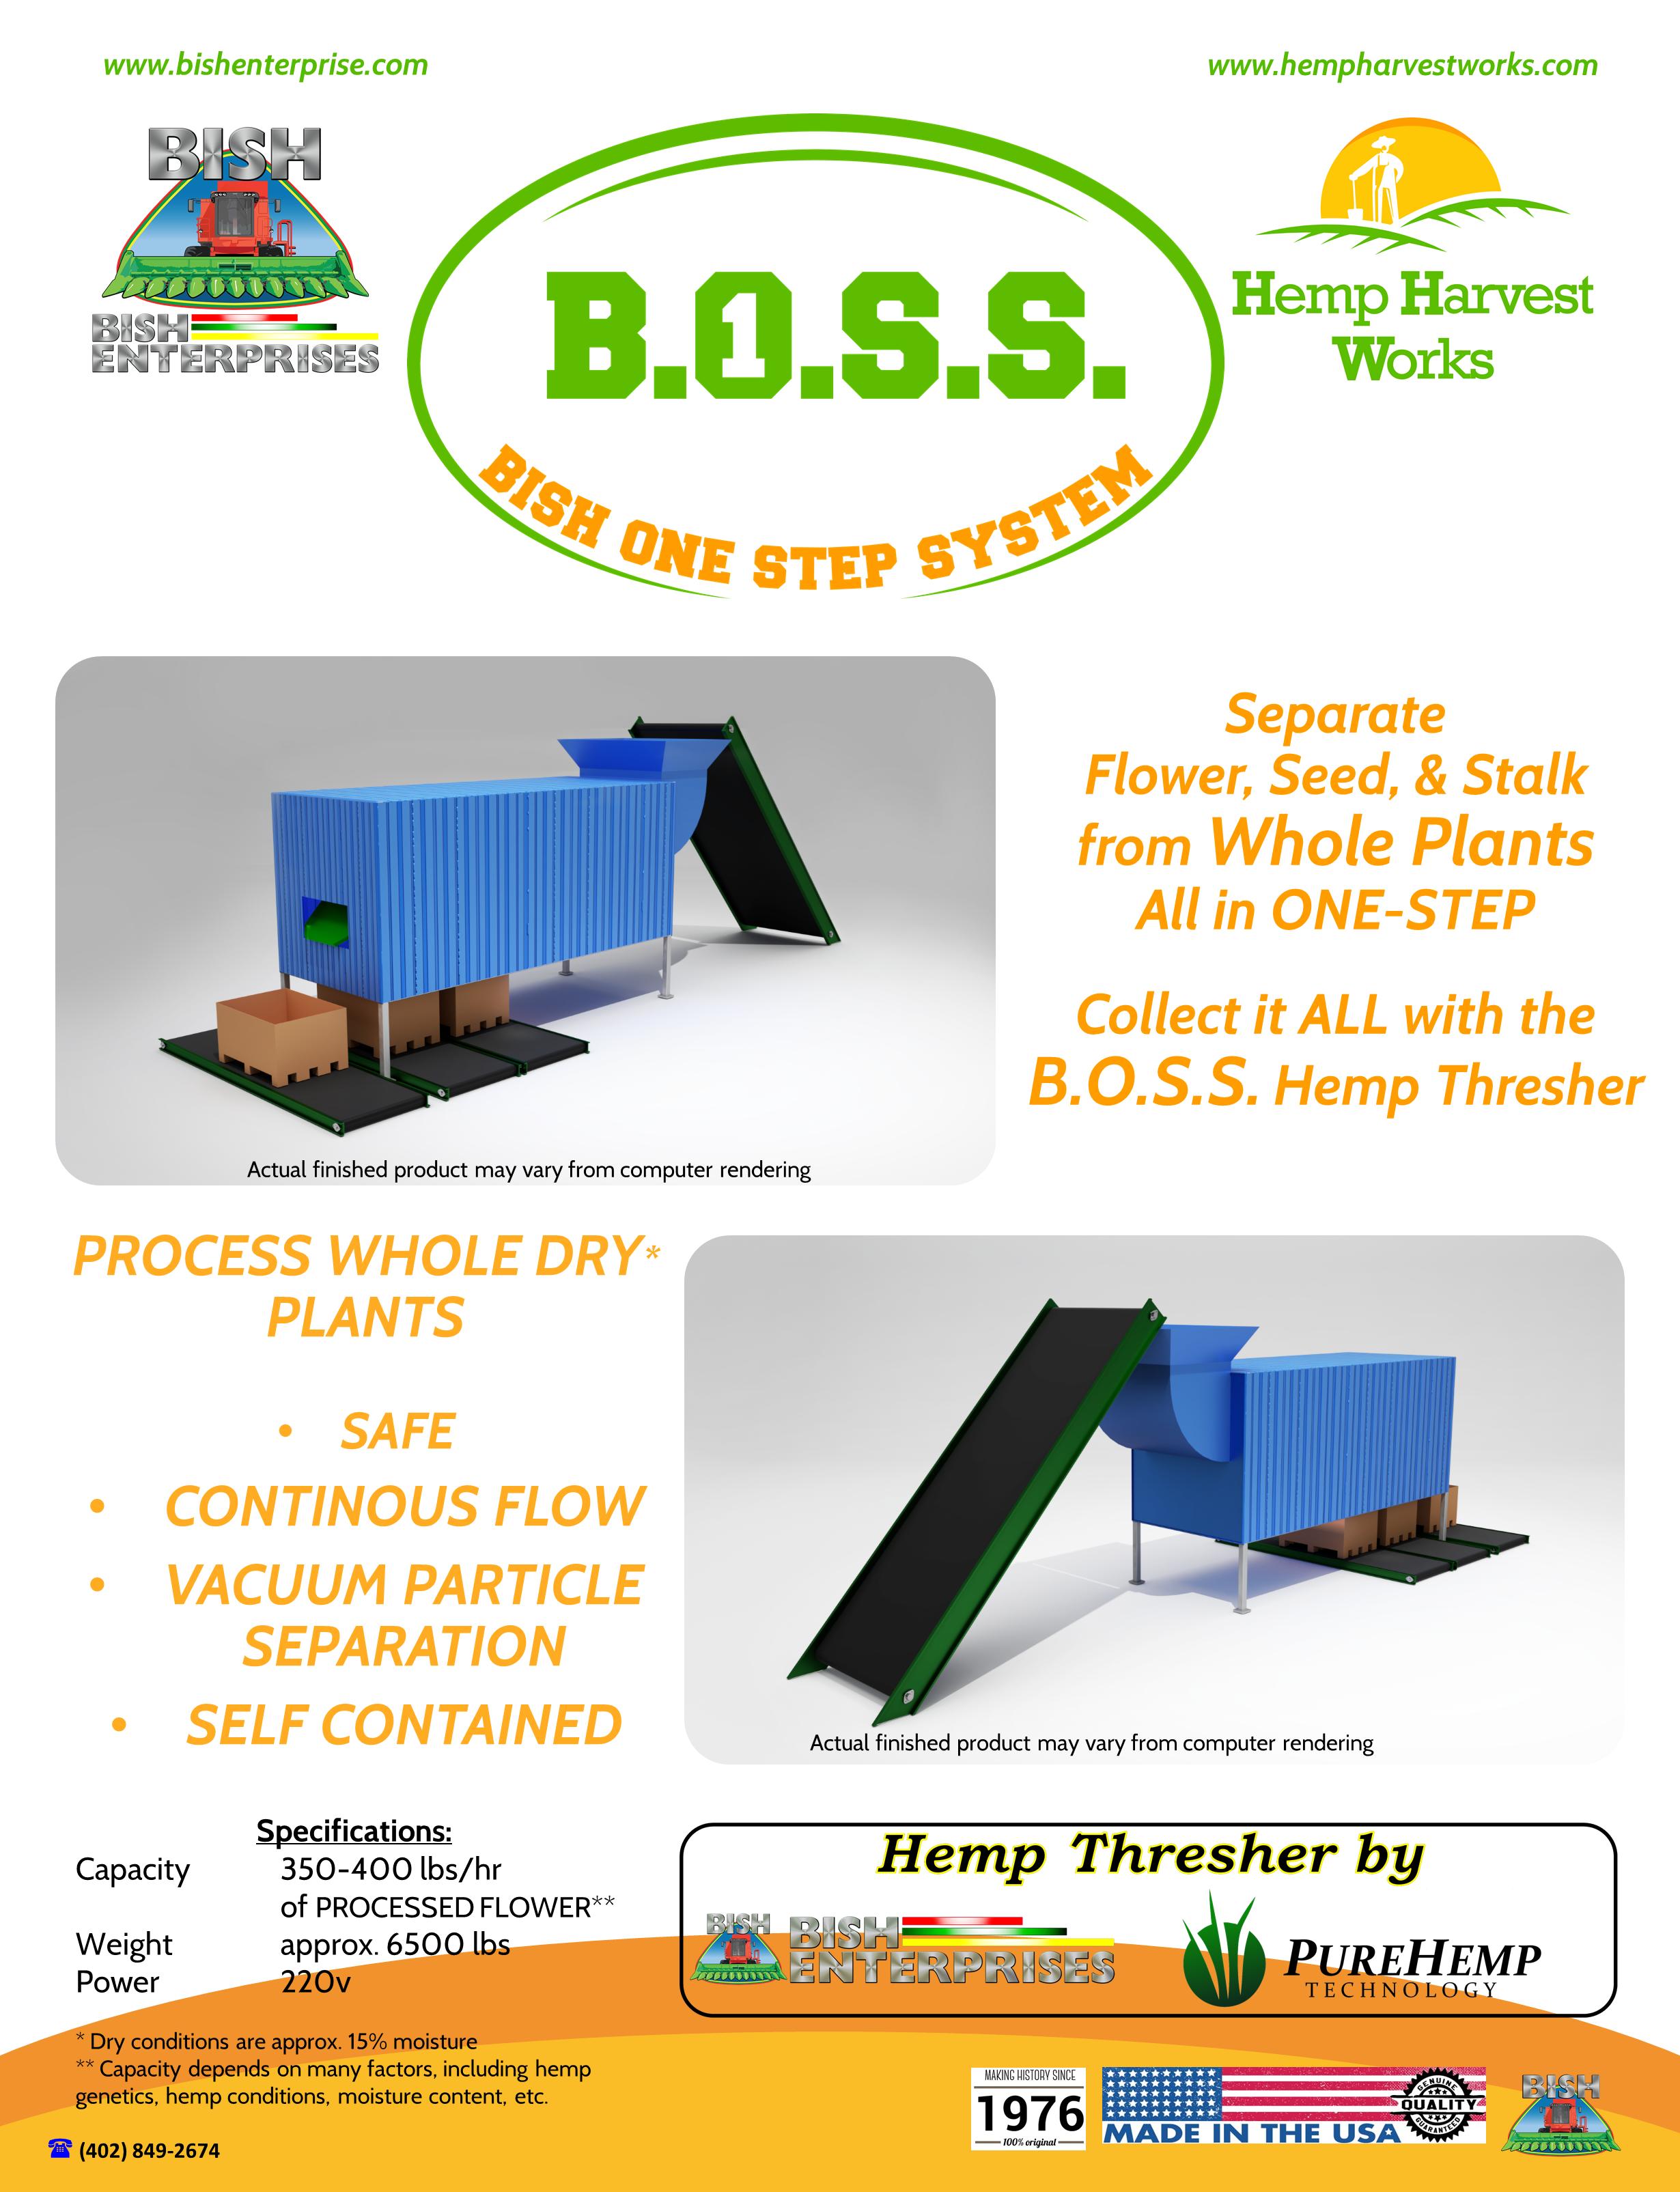 Hemp Thresher, Hemp Processor, Hemp Stripper, Destemmer, Hemp Destemmer, Processed Hemp, Hemp Processor, Whole Plant Stripper, Hemp Dechordicator, hemp dechorticator, BOSS, B.O.S.S., Boss Hemp Thresher, BOSS Hemp, BOSS BISH, PureHemp Technology, Pure Hemp Technology, Pure Hemp, CBD Processor, Flower Processor, Flower Stripper, CBD Stripper, Hemp Flower, CBD Flower, Hemp Seed, Hemp Stalk, Hemp Fiber, BOSS Thresher